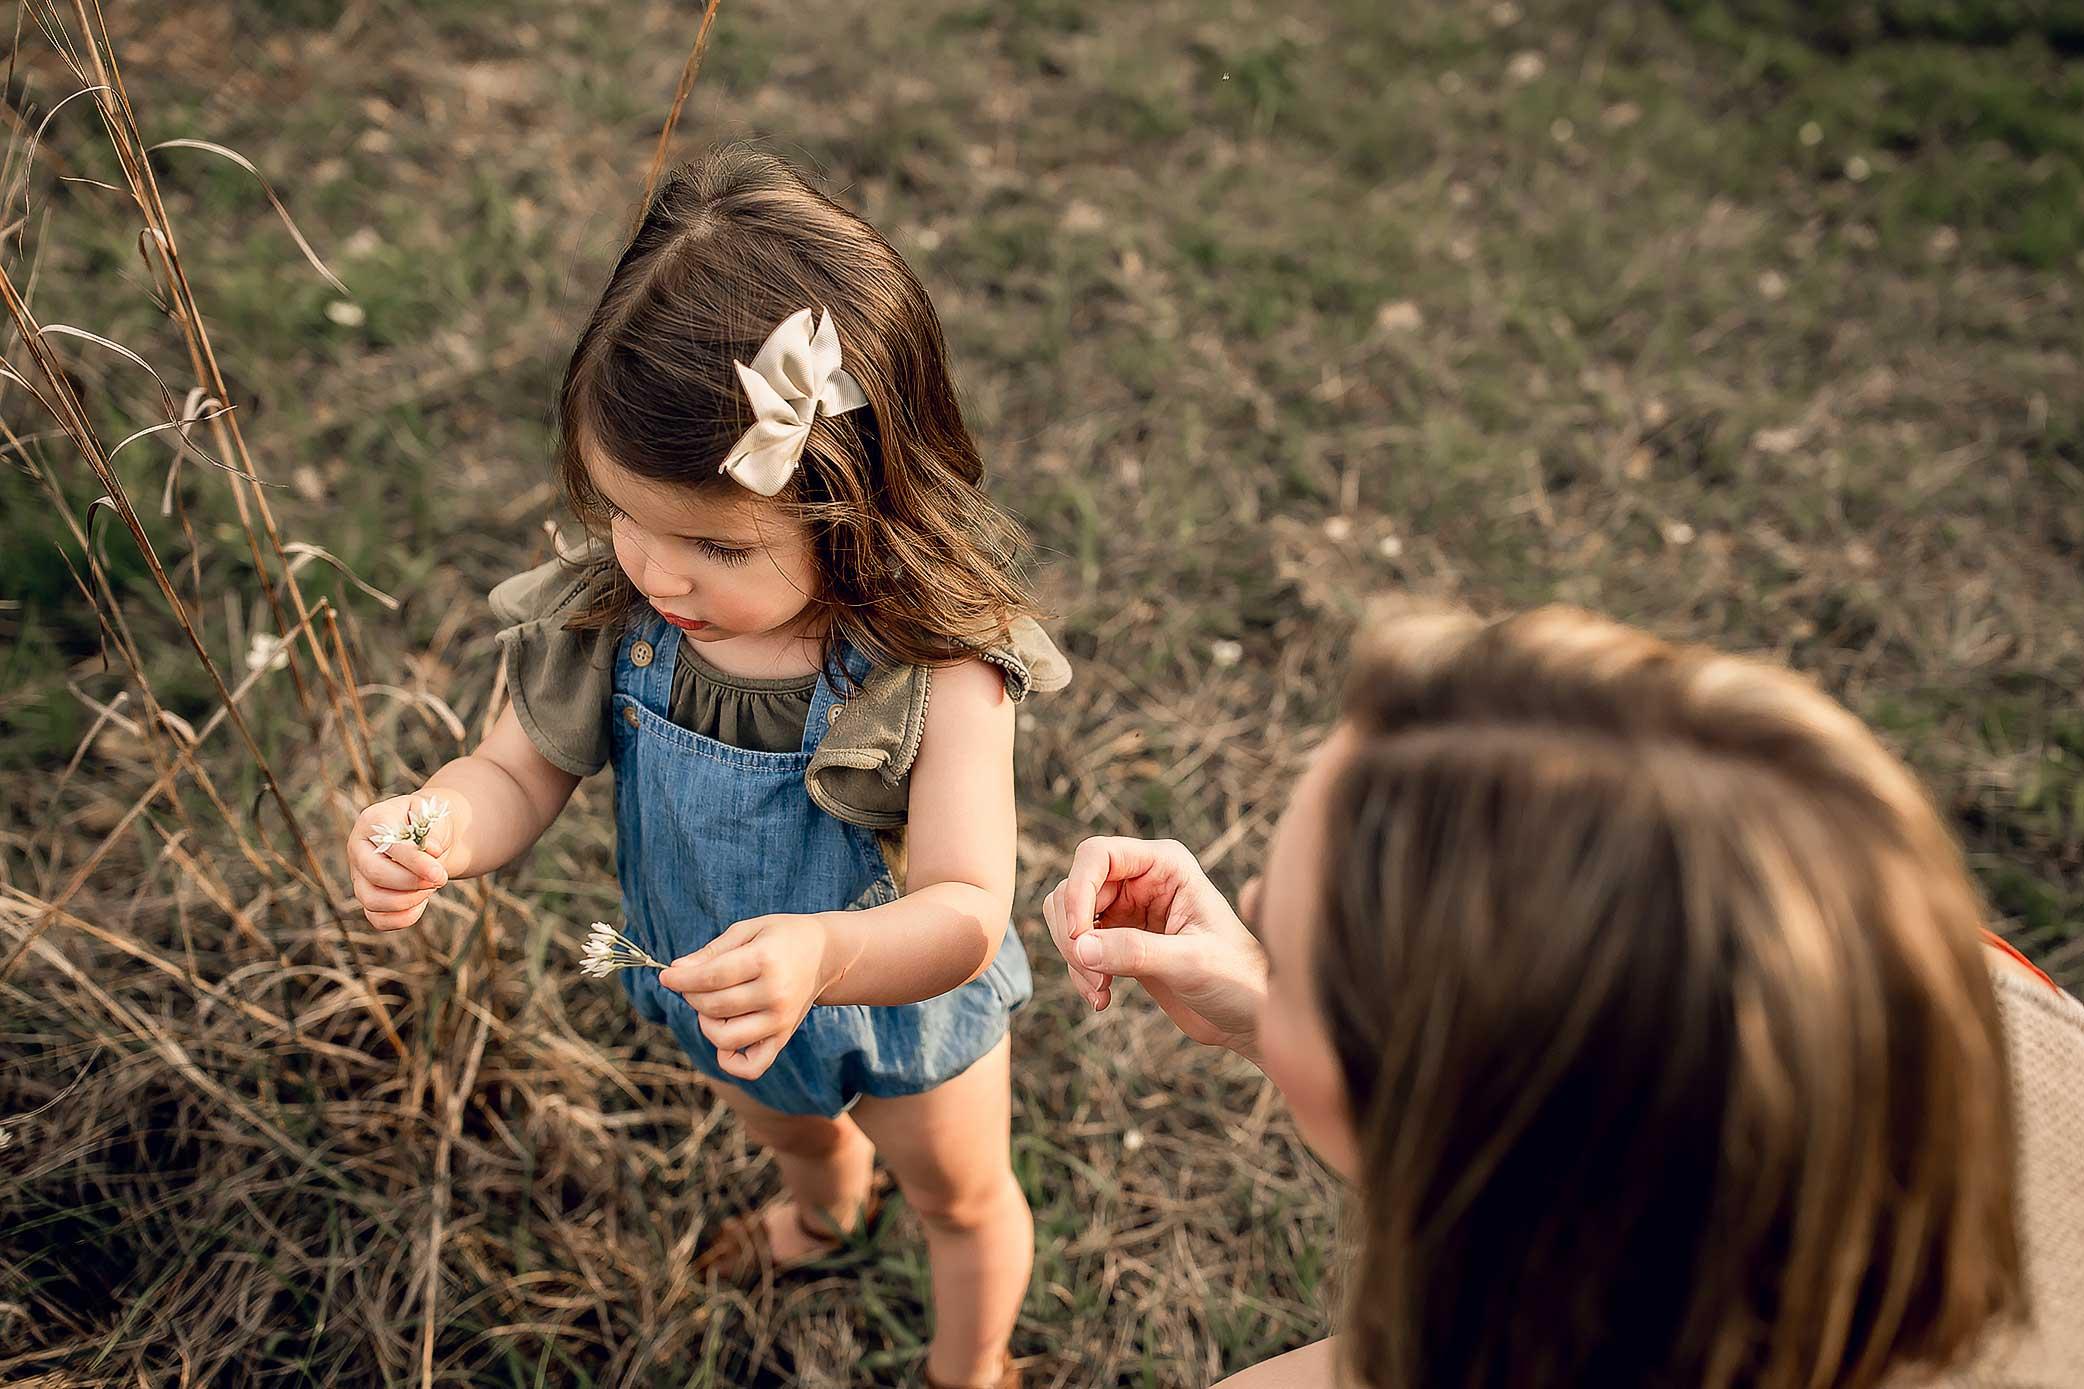 shelby-schiller-photography-family-toddler-in-denim-romper-picking-flowers.jpg